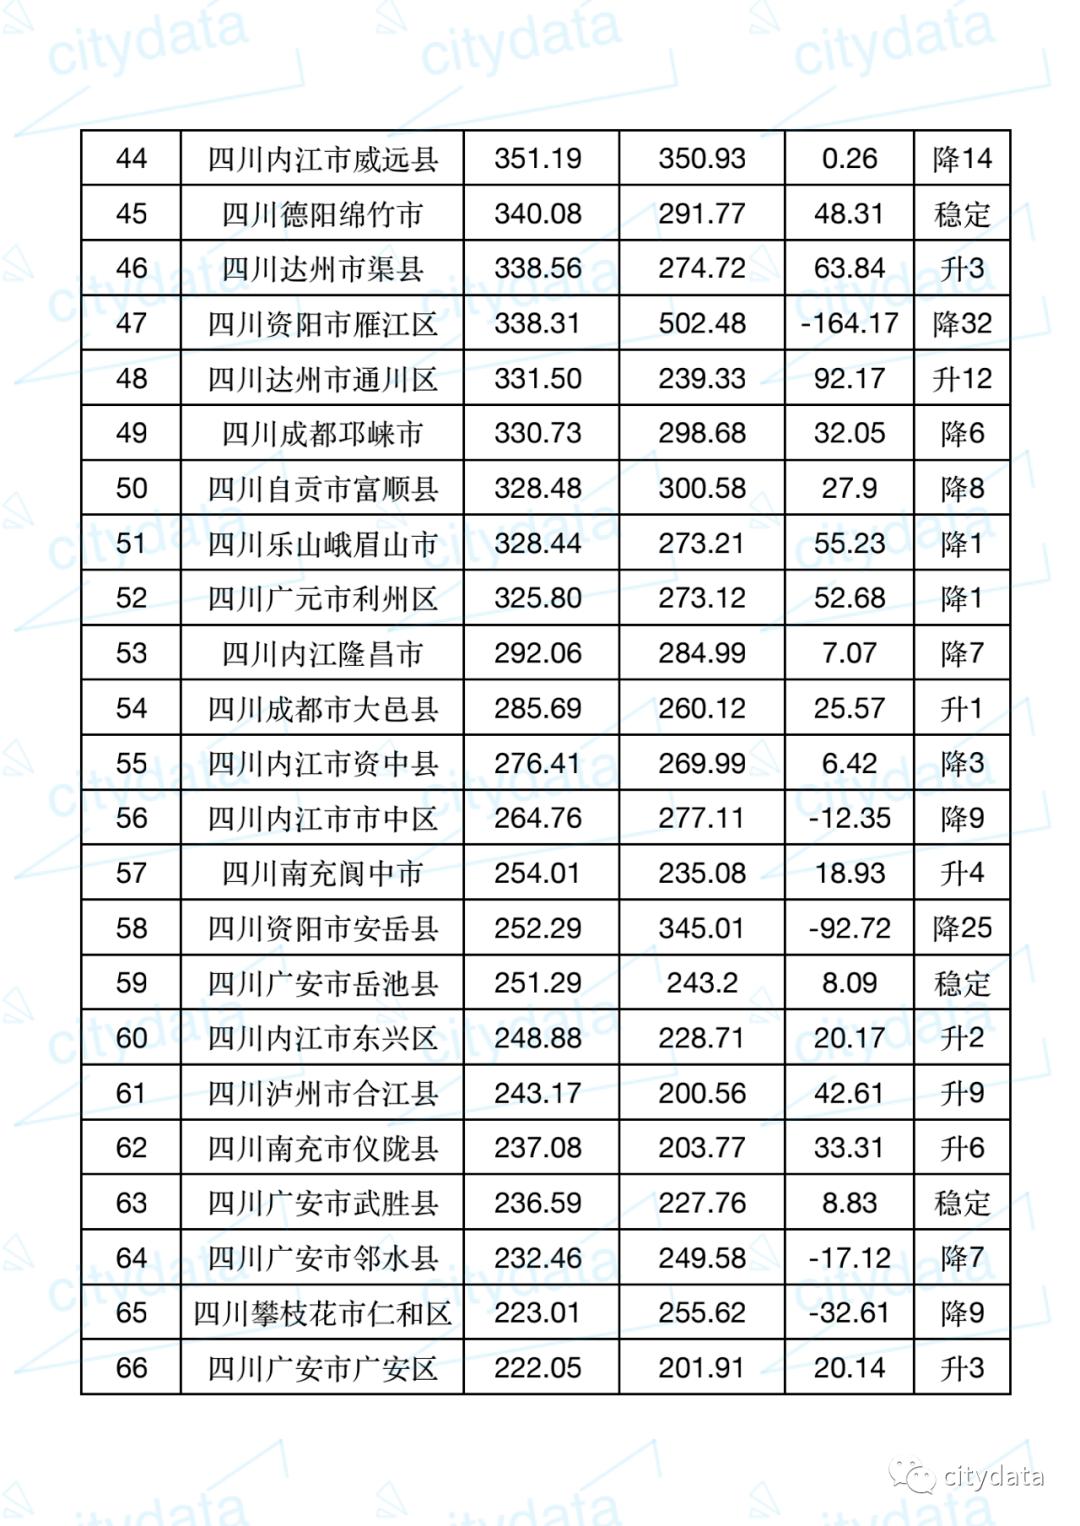 2019年gdp排名_2019年黑龙江省地级市人均GDP排名大庆市超9万居第一